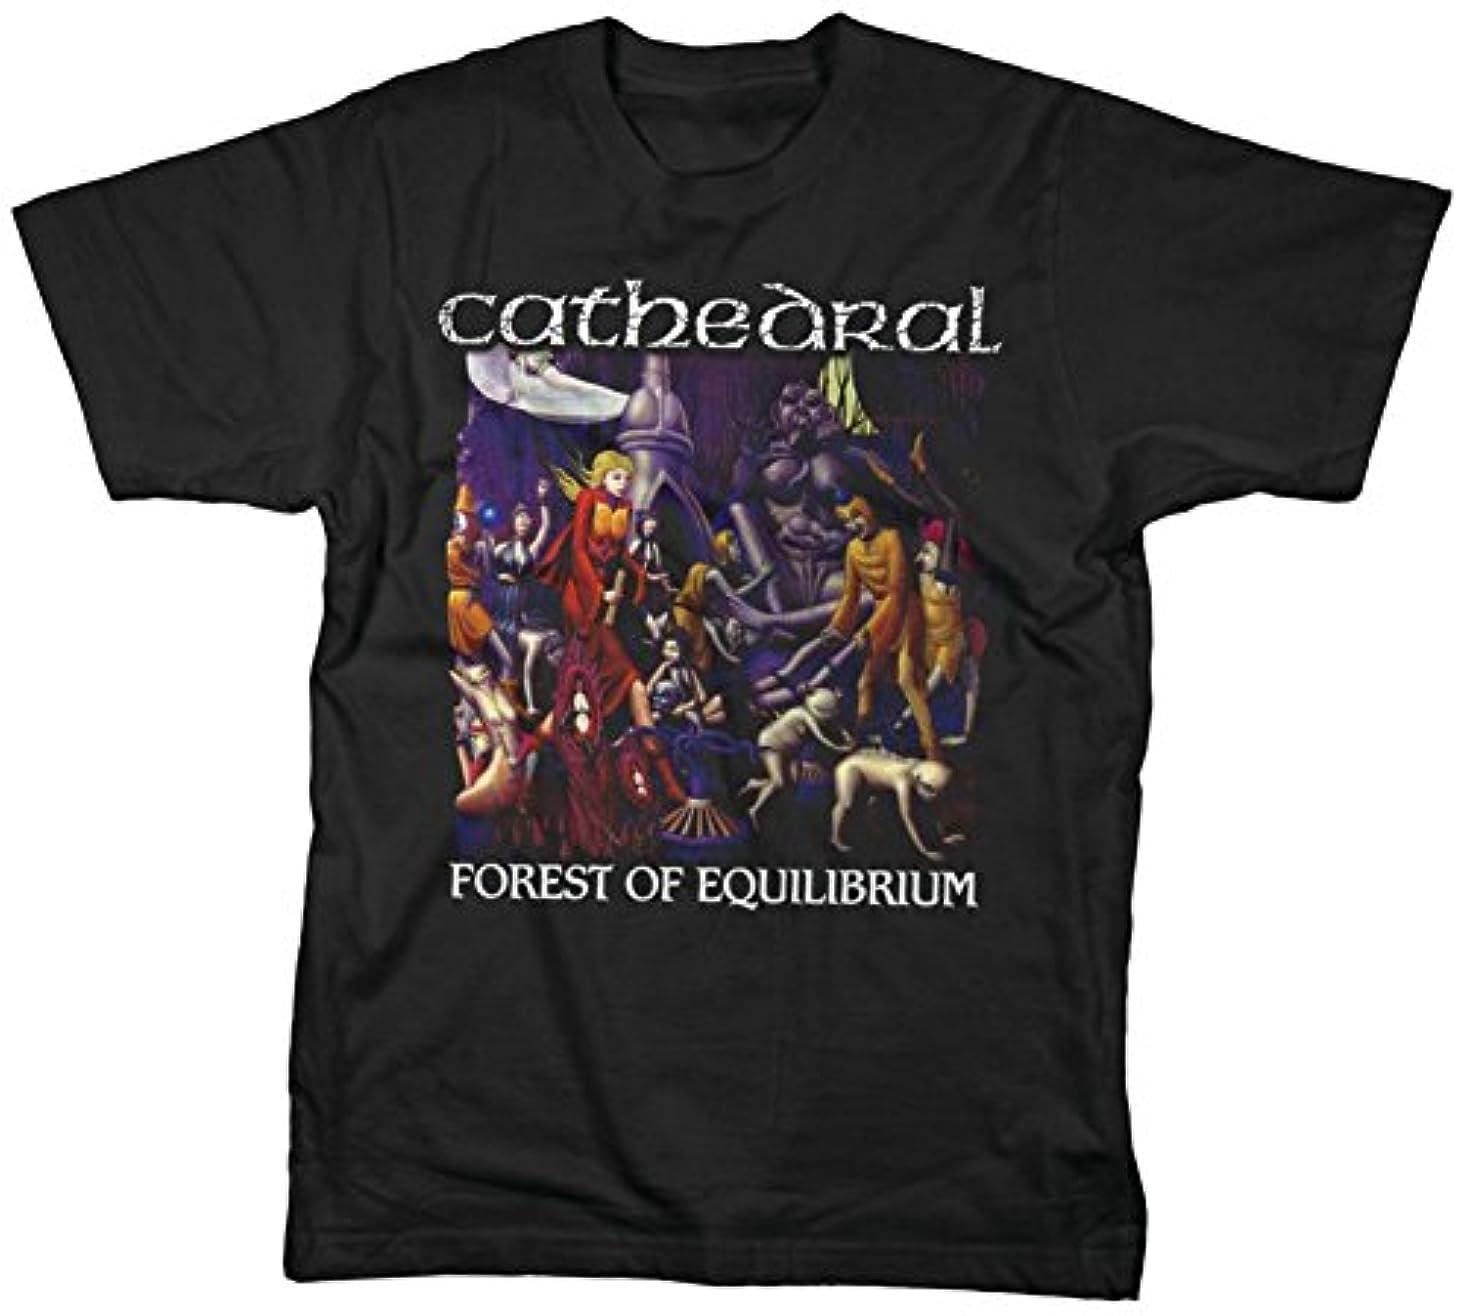 常習的混乱した長老Cathedral - Forest Of Equilibrium T-shirt Tシャツ カテドラル